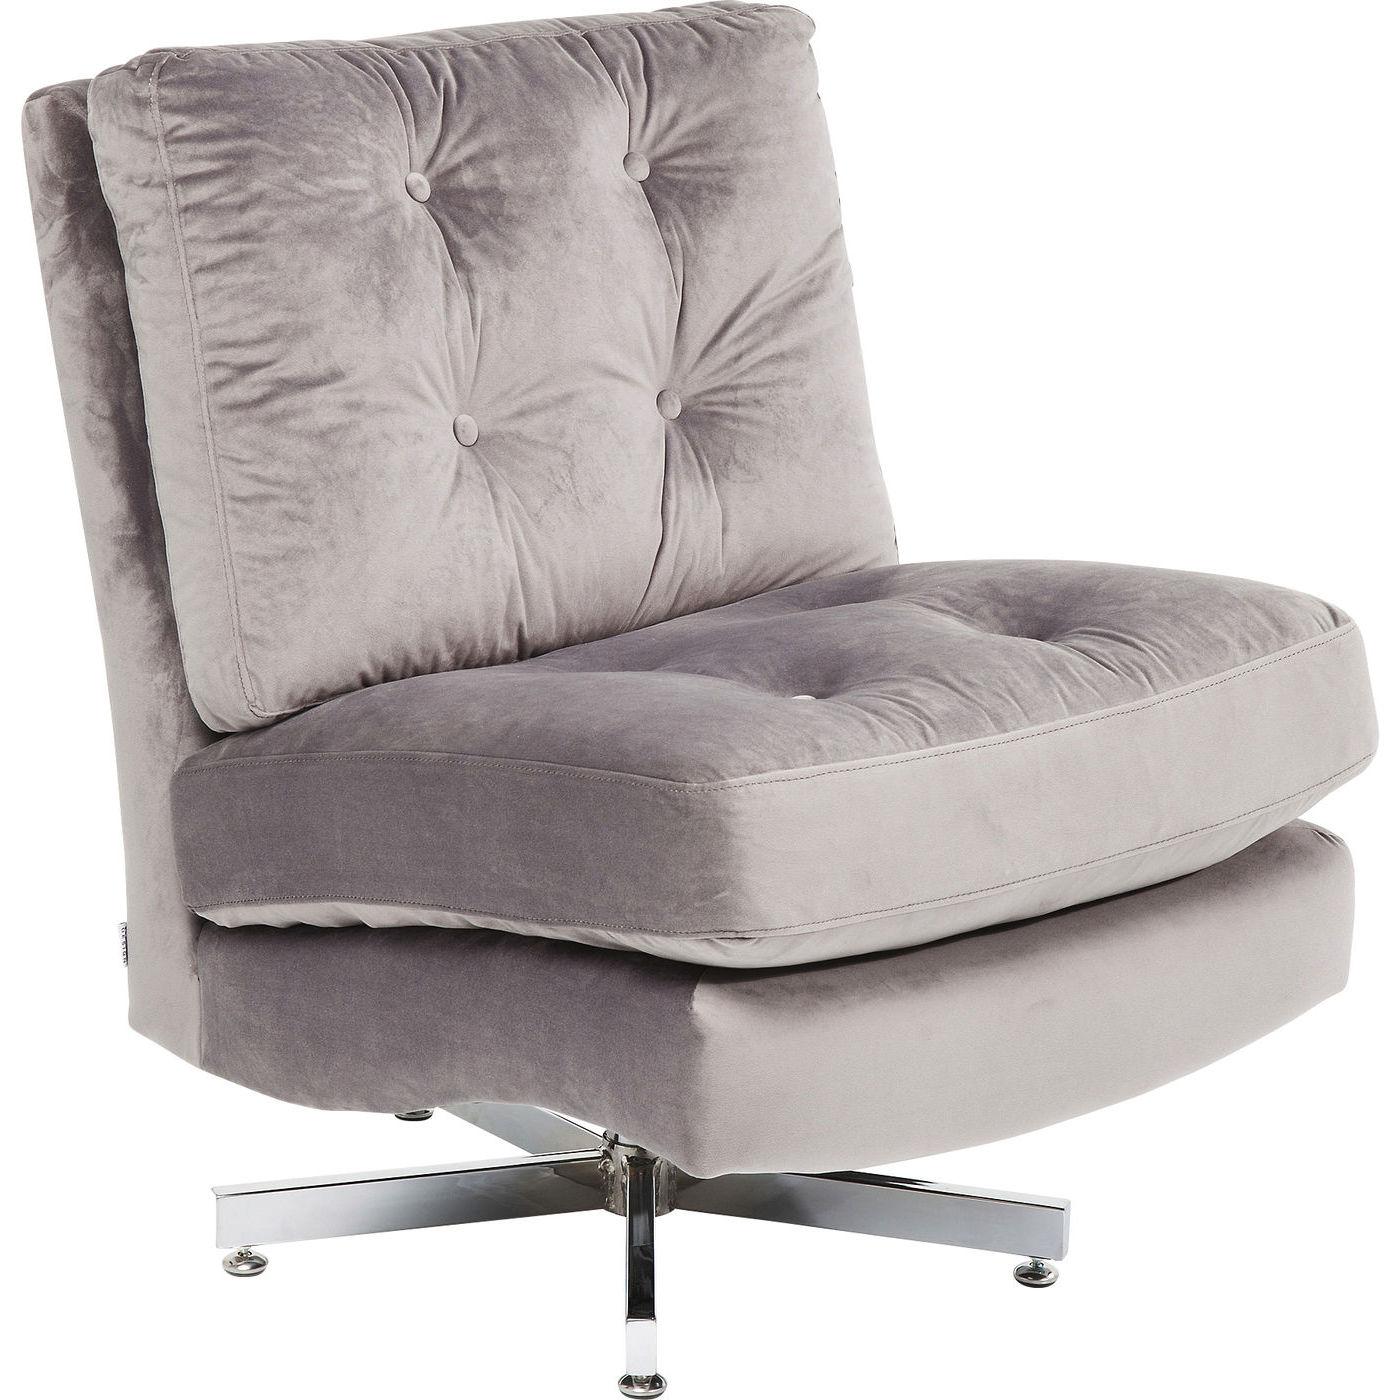 Kare design swivel chair cinema grey lænestol - gråt stof/sølv fra kare design på boboonline.dk